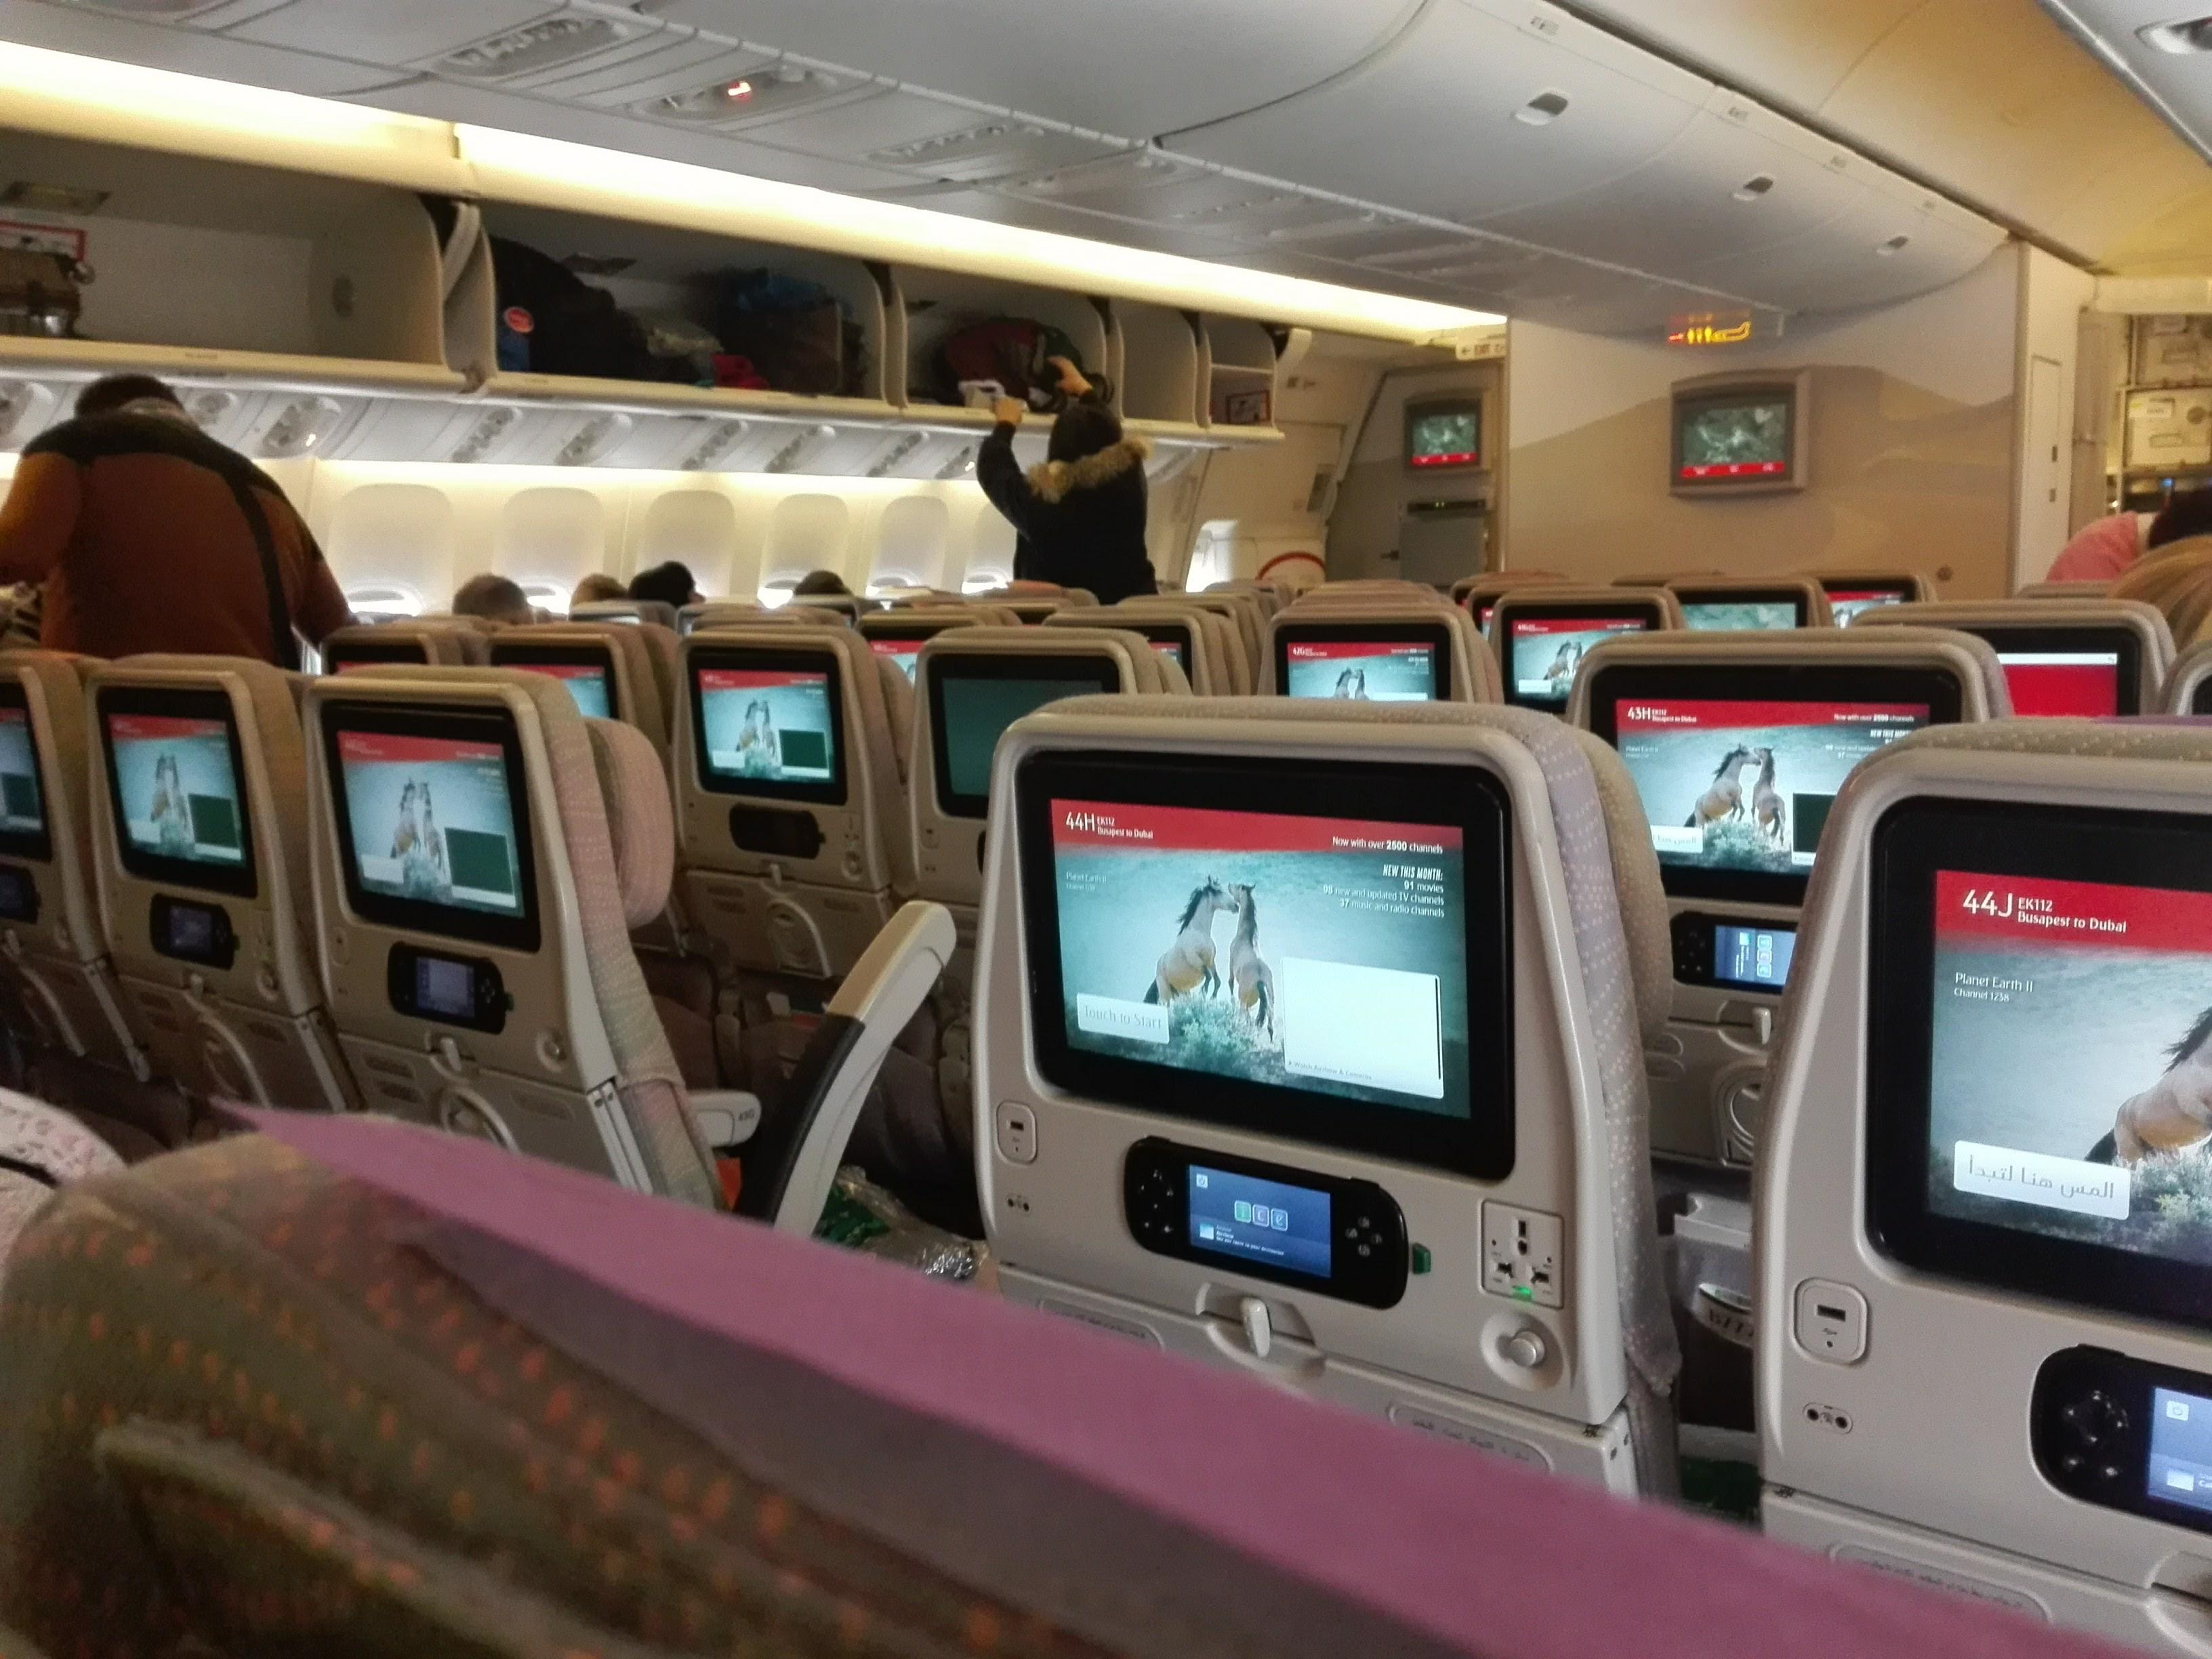 Szerdától minden személyszállító járatát felfüggeszti az Emirates